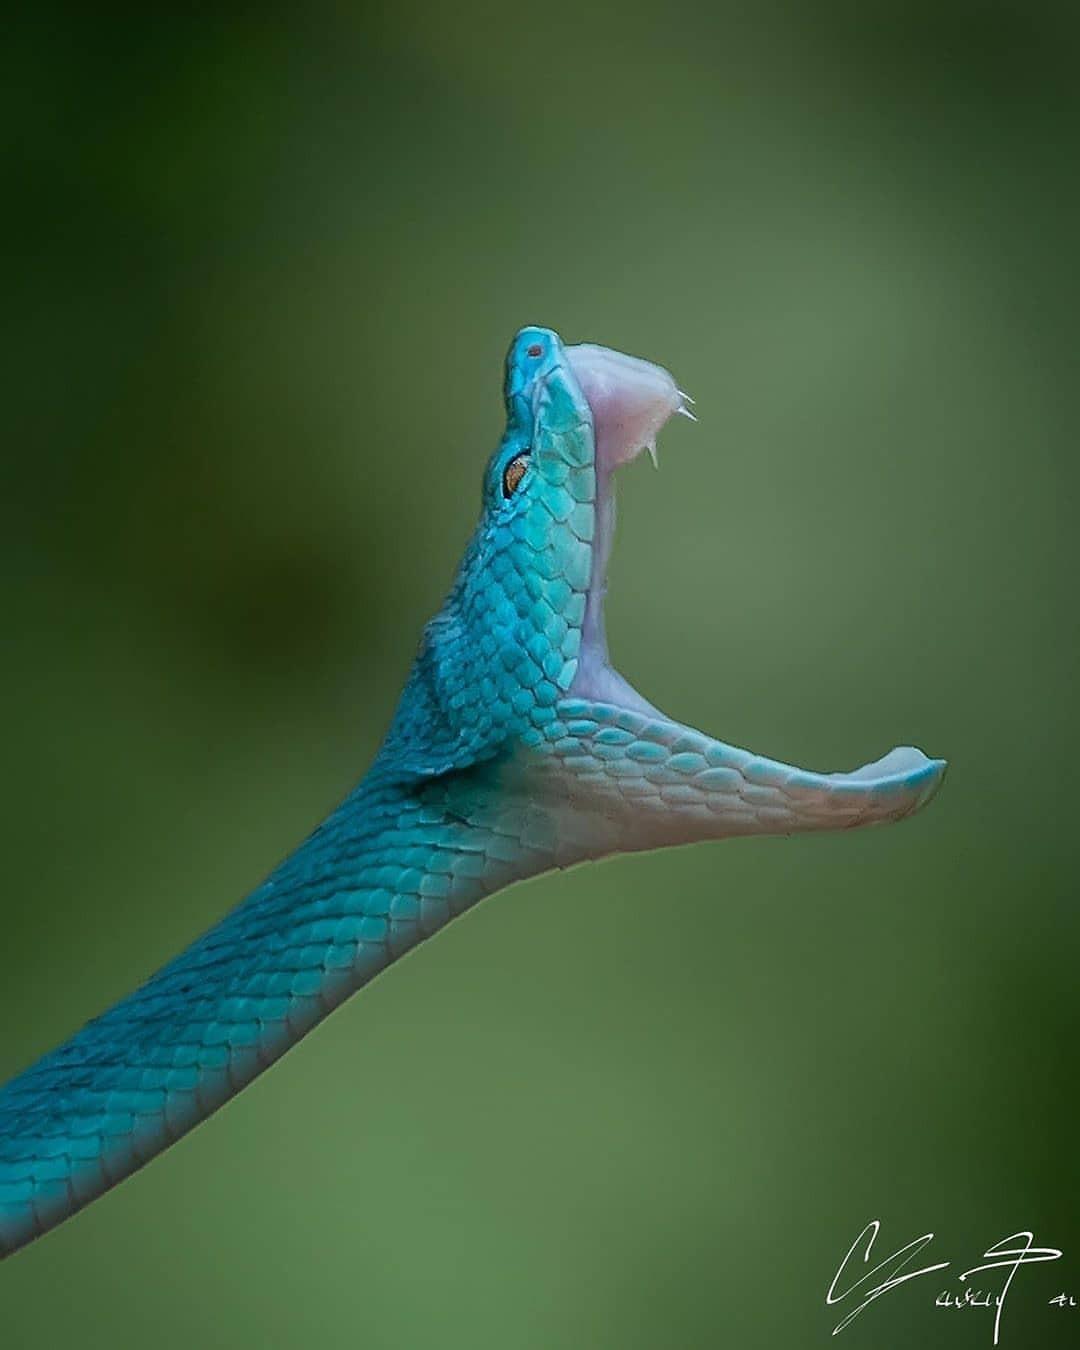 1080x1350, 55 Kb / змея, пасть, бросок, голубая комодская куфия